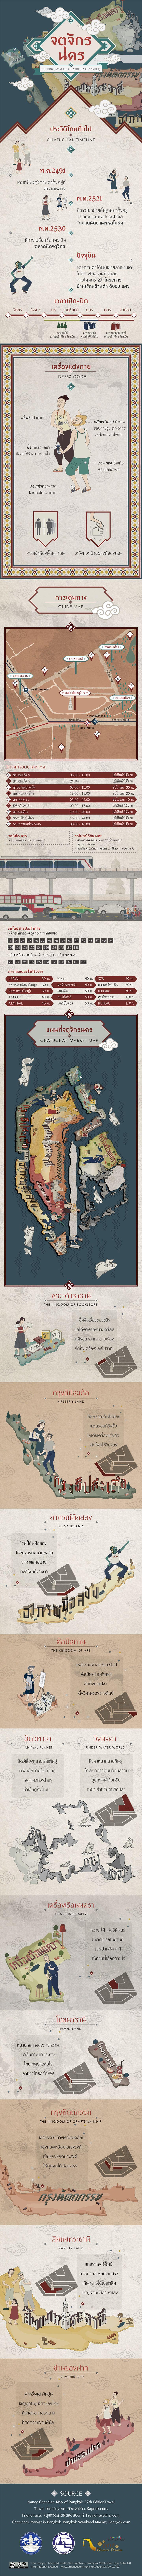 """เดินเที่ยวตลาดนัดจตุจักรให้สนุก ด้วยแผนที่ """"จตุจักรนคร""""  คลิก http://www.infofed.com/infographic/KingdomOfChatuchak.png #infofed #infographic #thailand"""